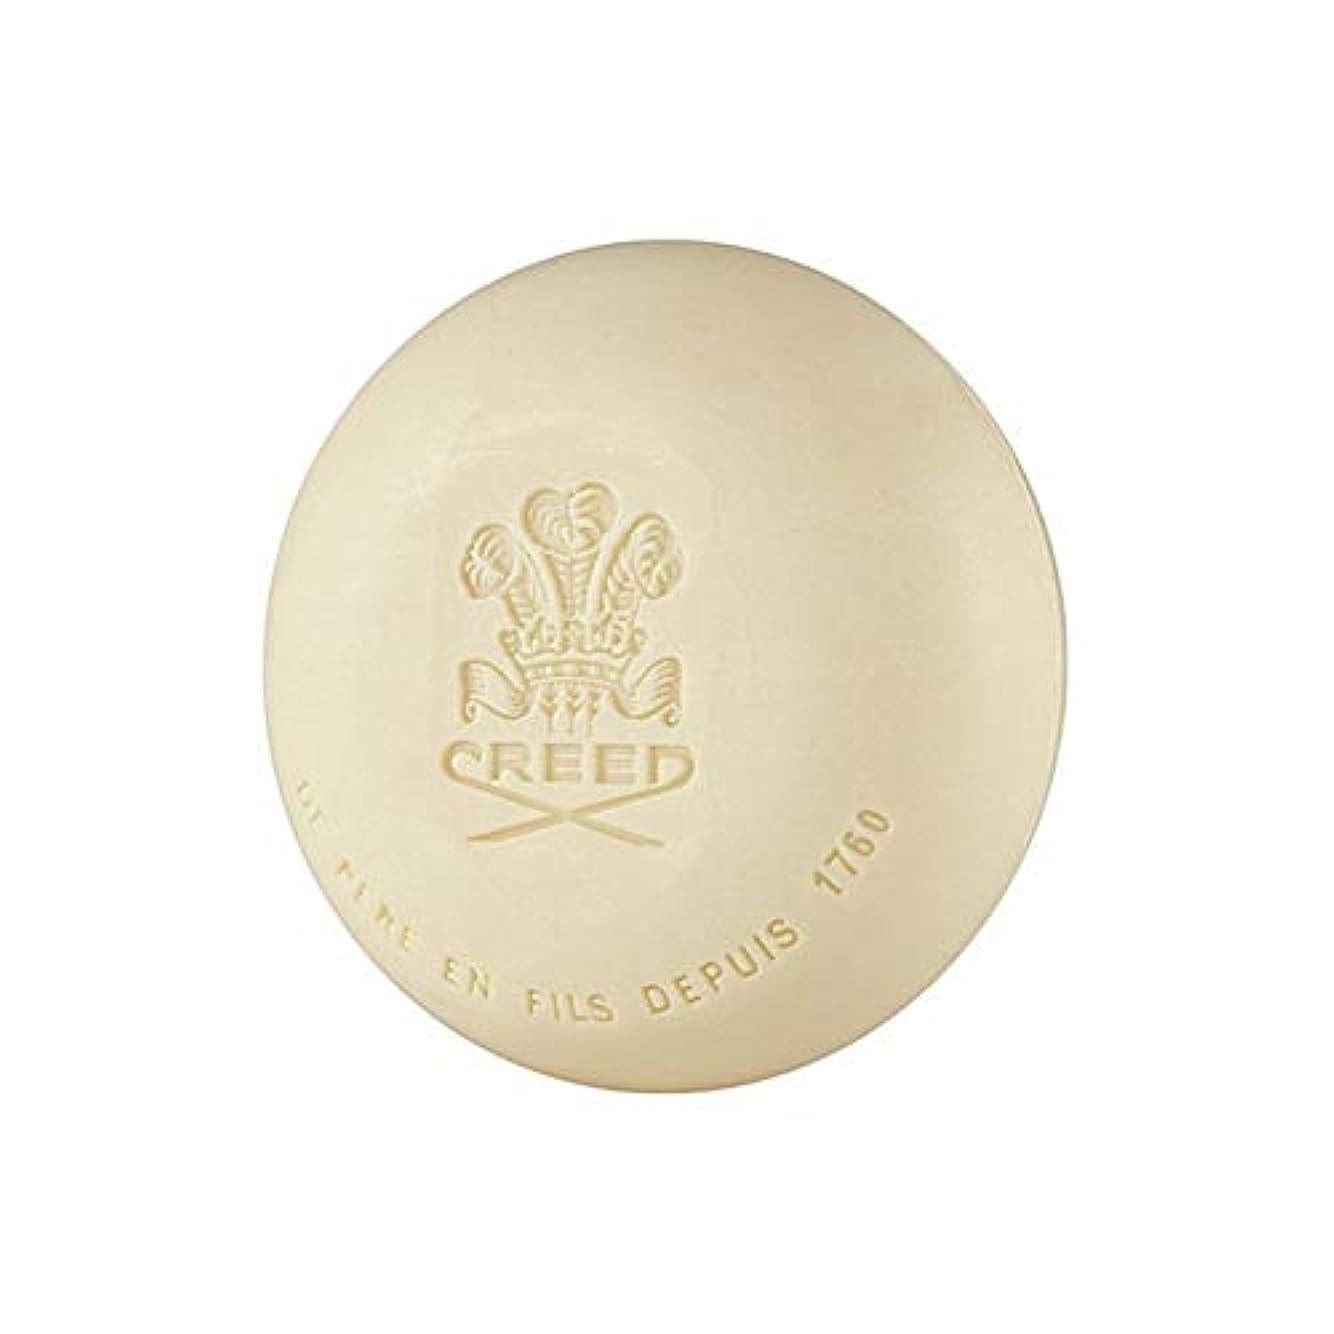 適度なカルシウム個人的に[Creed ] 信条元サンタル石鹸150グラム - Creed Original Santal Soap 150G [並行輸入品]